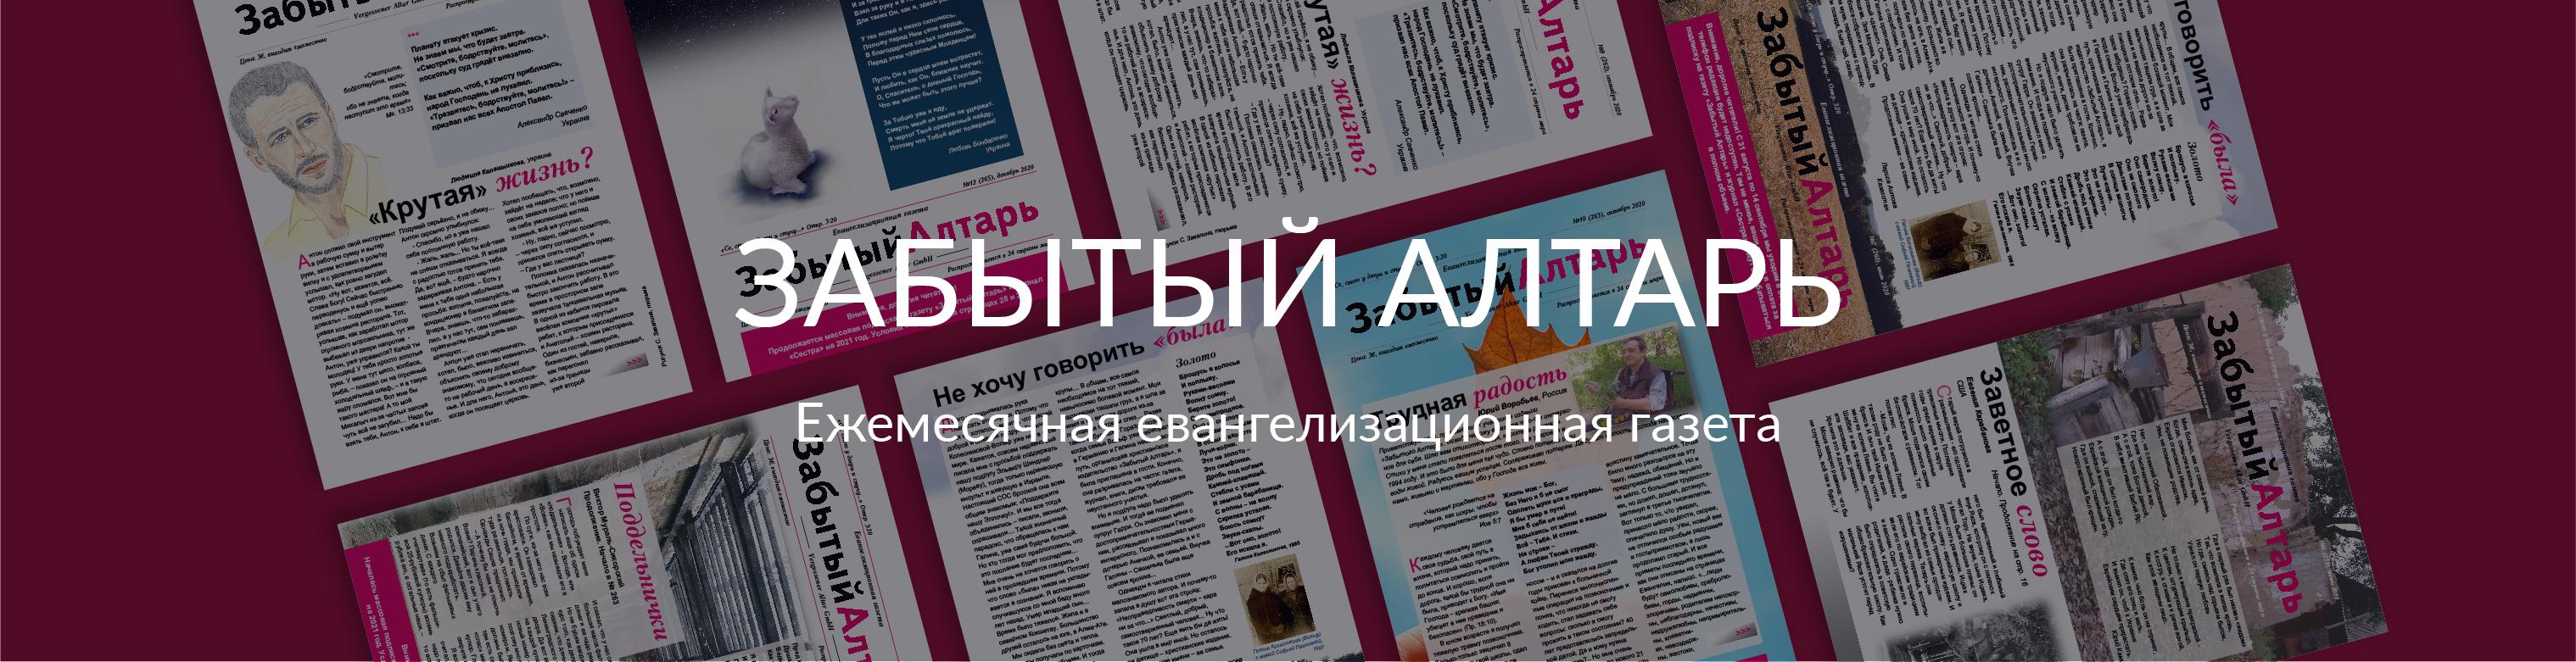 Христианская газета Забытый Алтарь